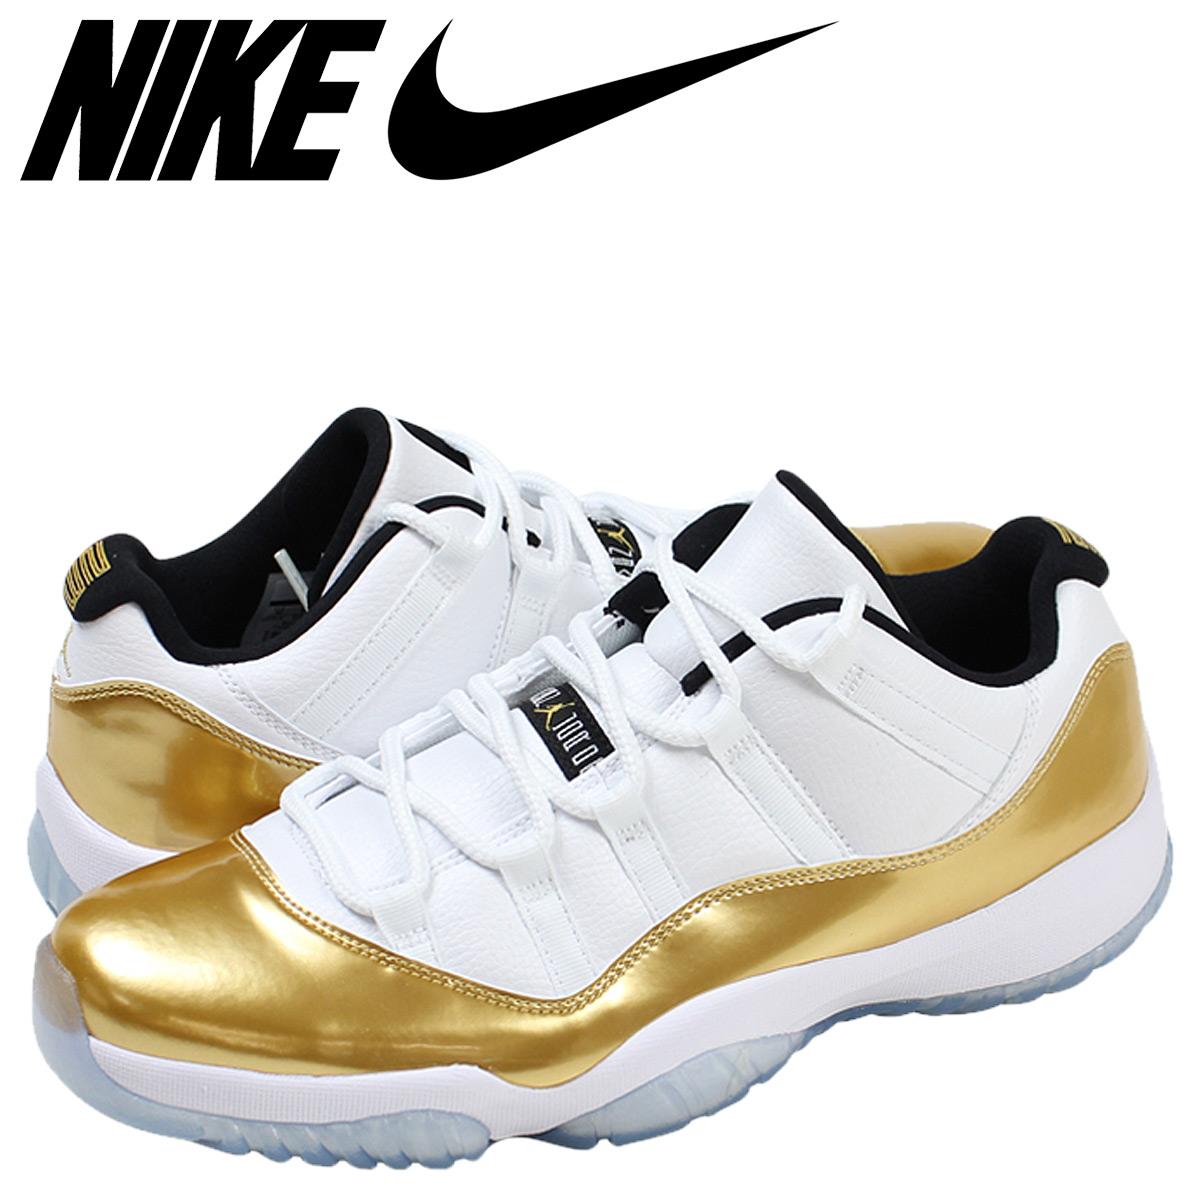 4e239b3110 SneaK Online Shop: NIKE Nike Air Jordan sneakers AIR JORDAN 11 RETRO ...